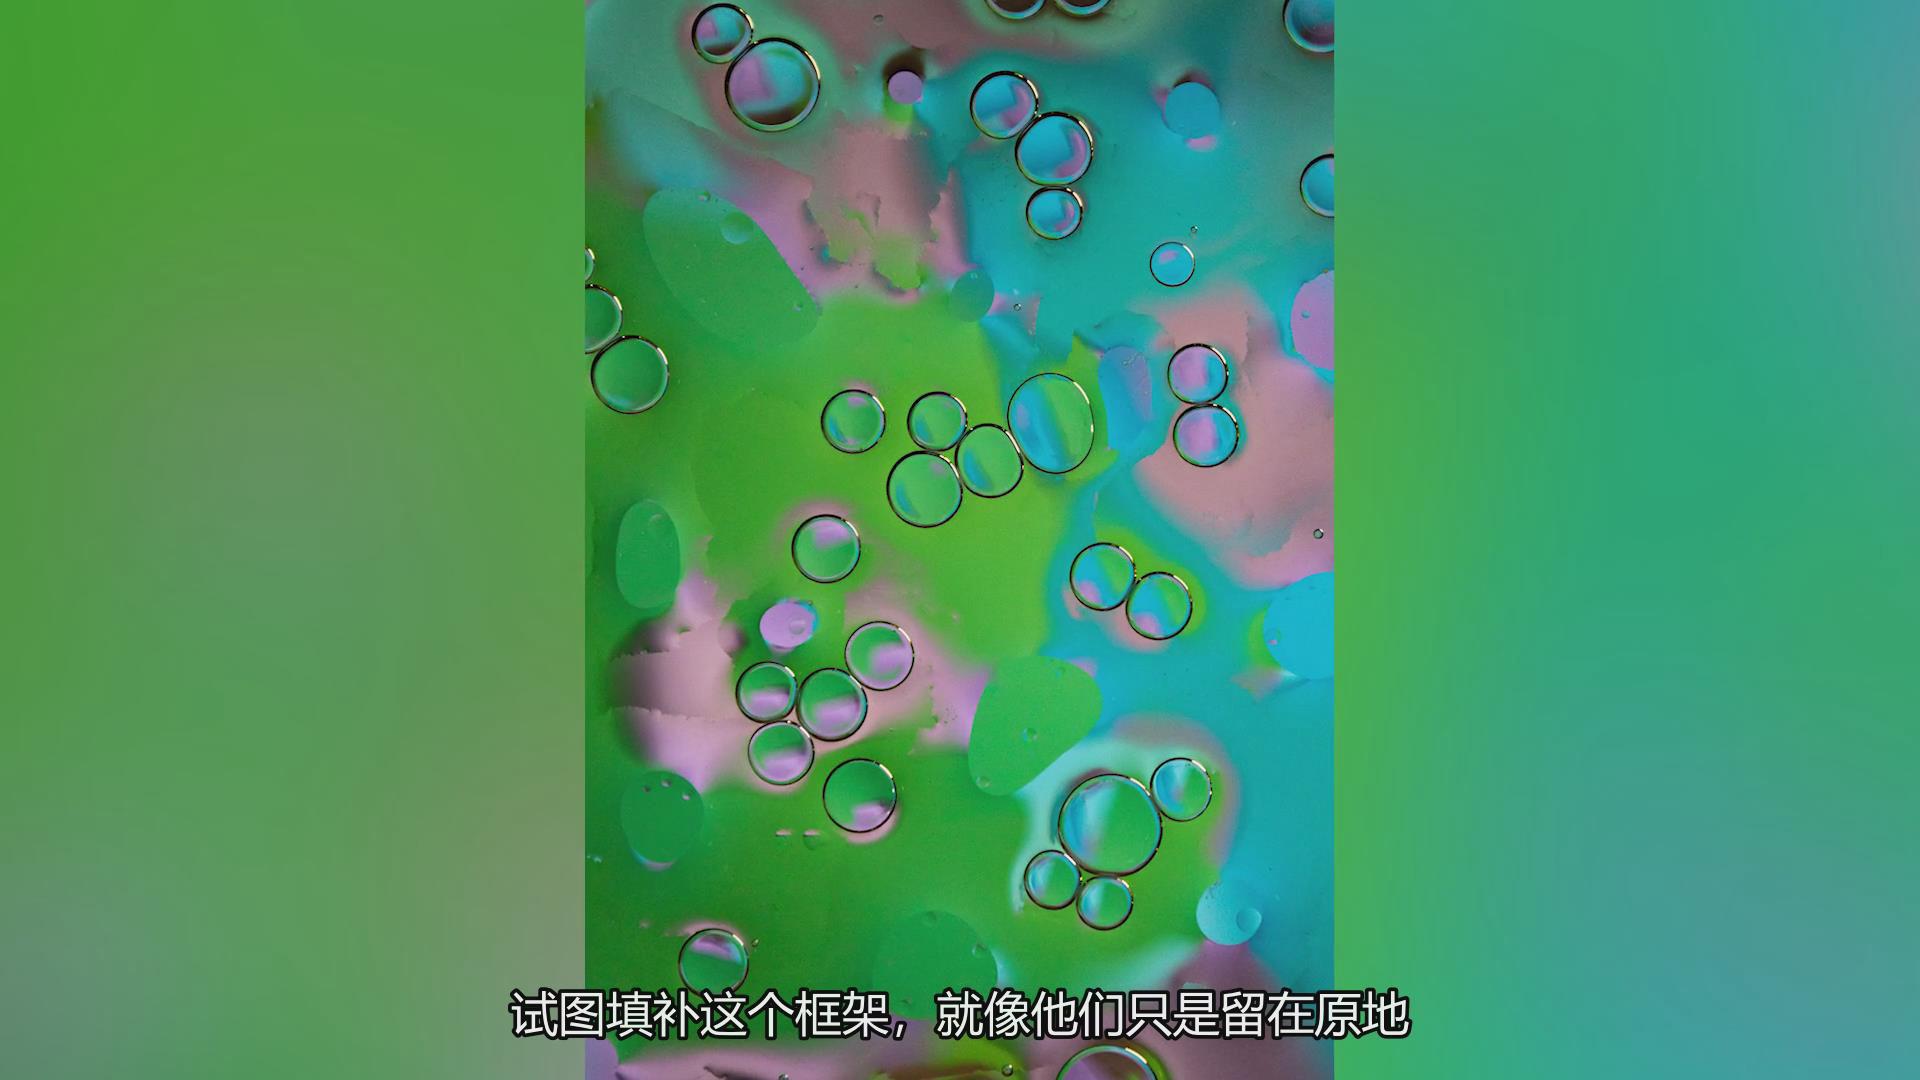 摄影教程_JOSHUA DUNLOP-30天创意摄影产品项目视频课程-中文字幕 摄影教程 _预览图6